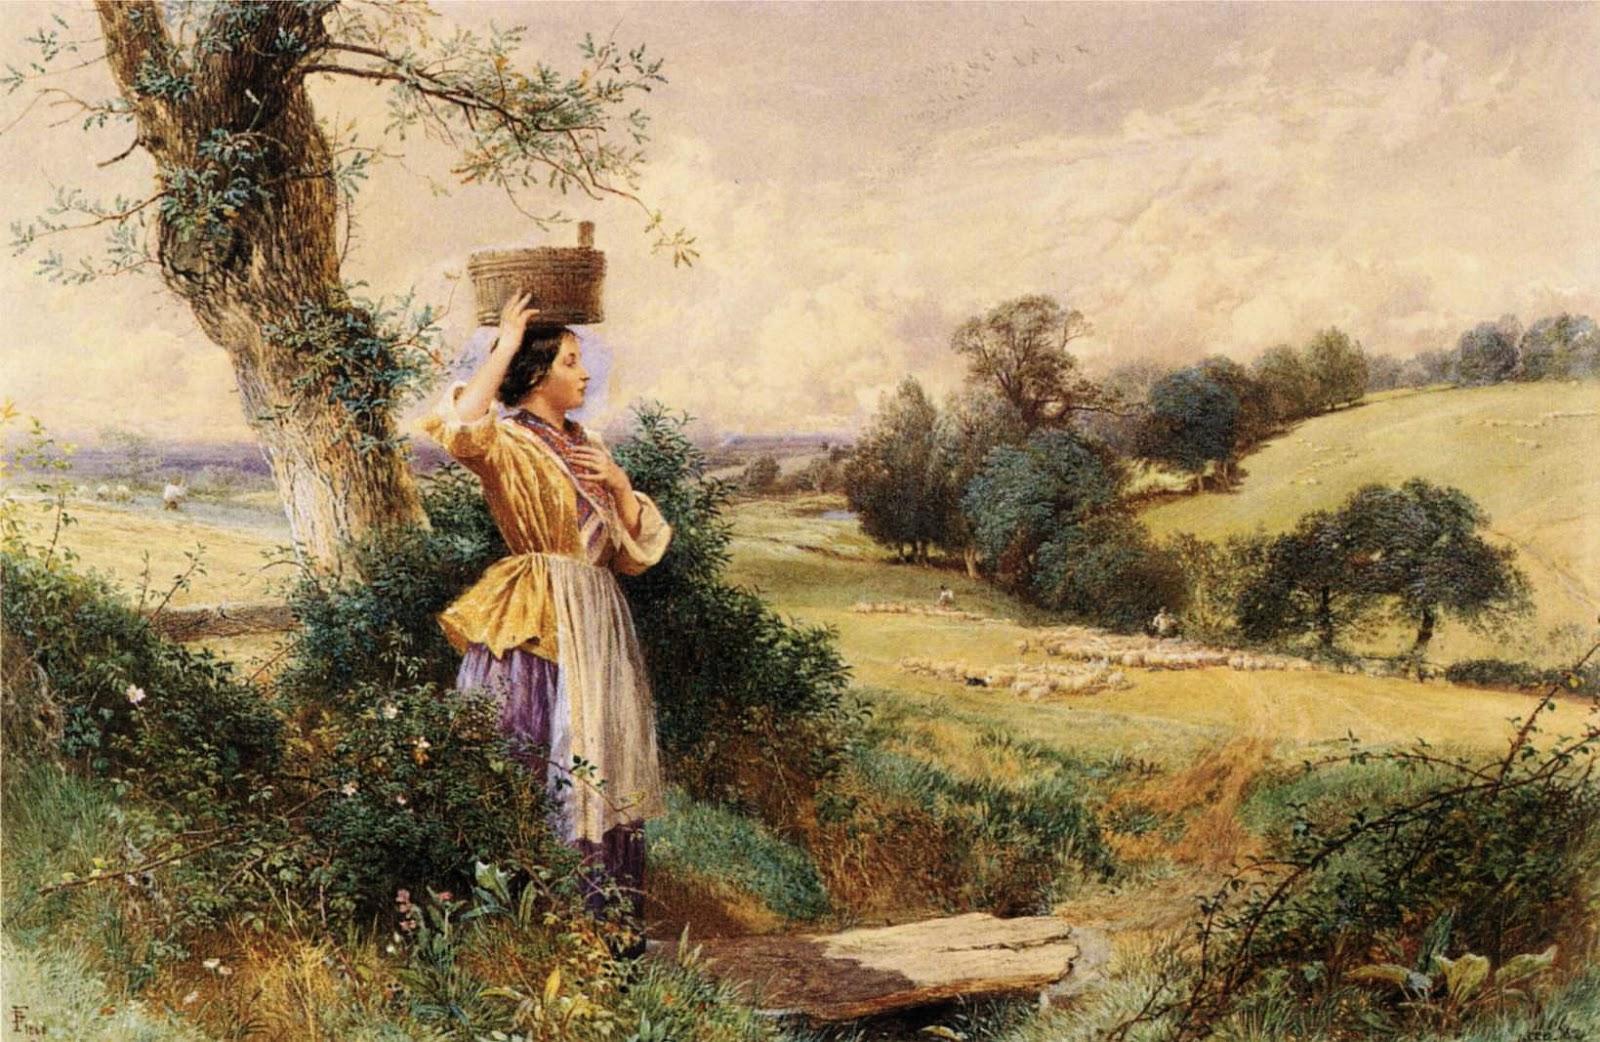 Myles Birket Foster, The Milk-maid